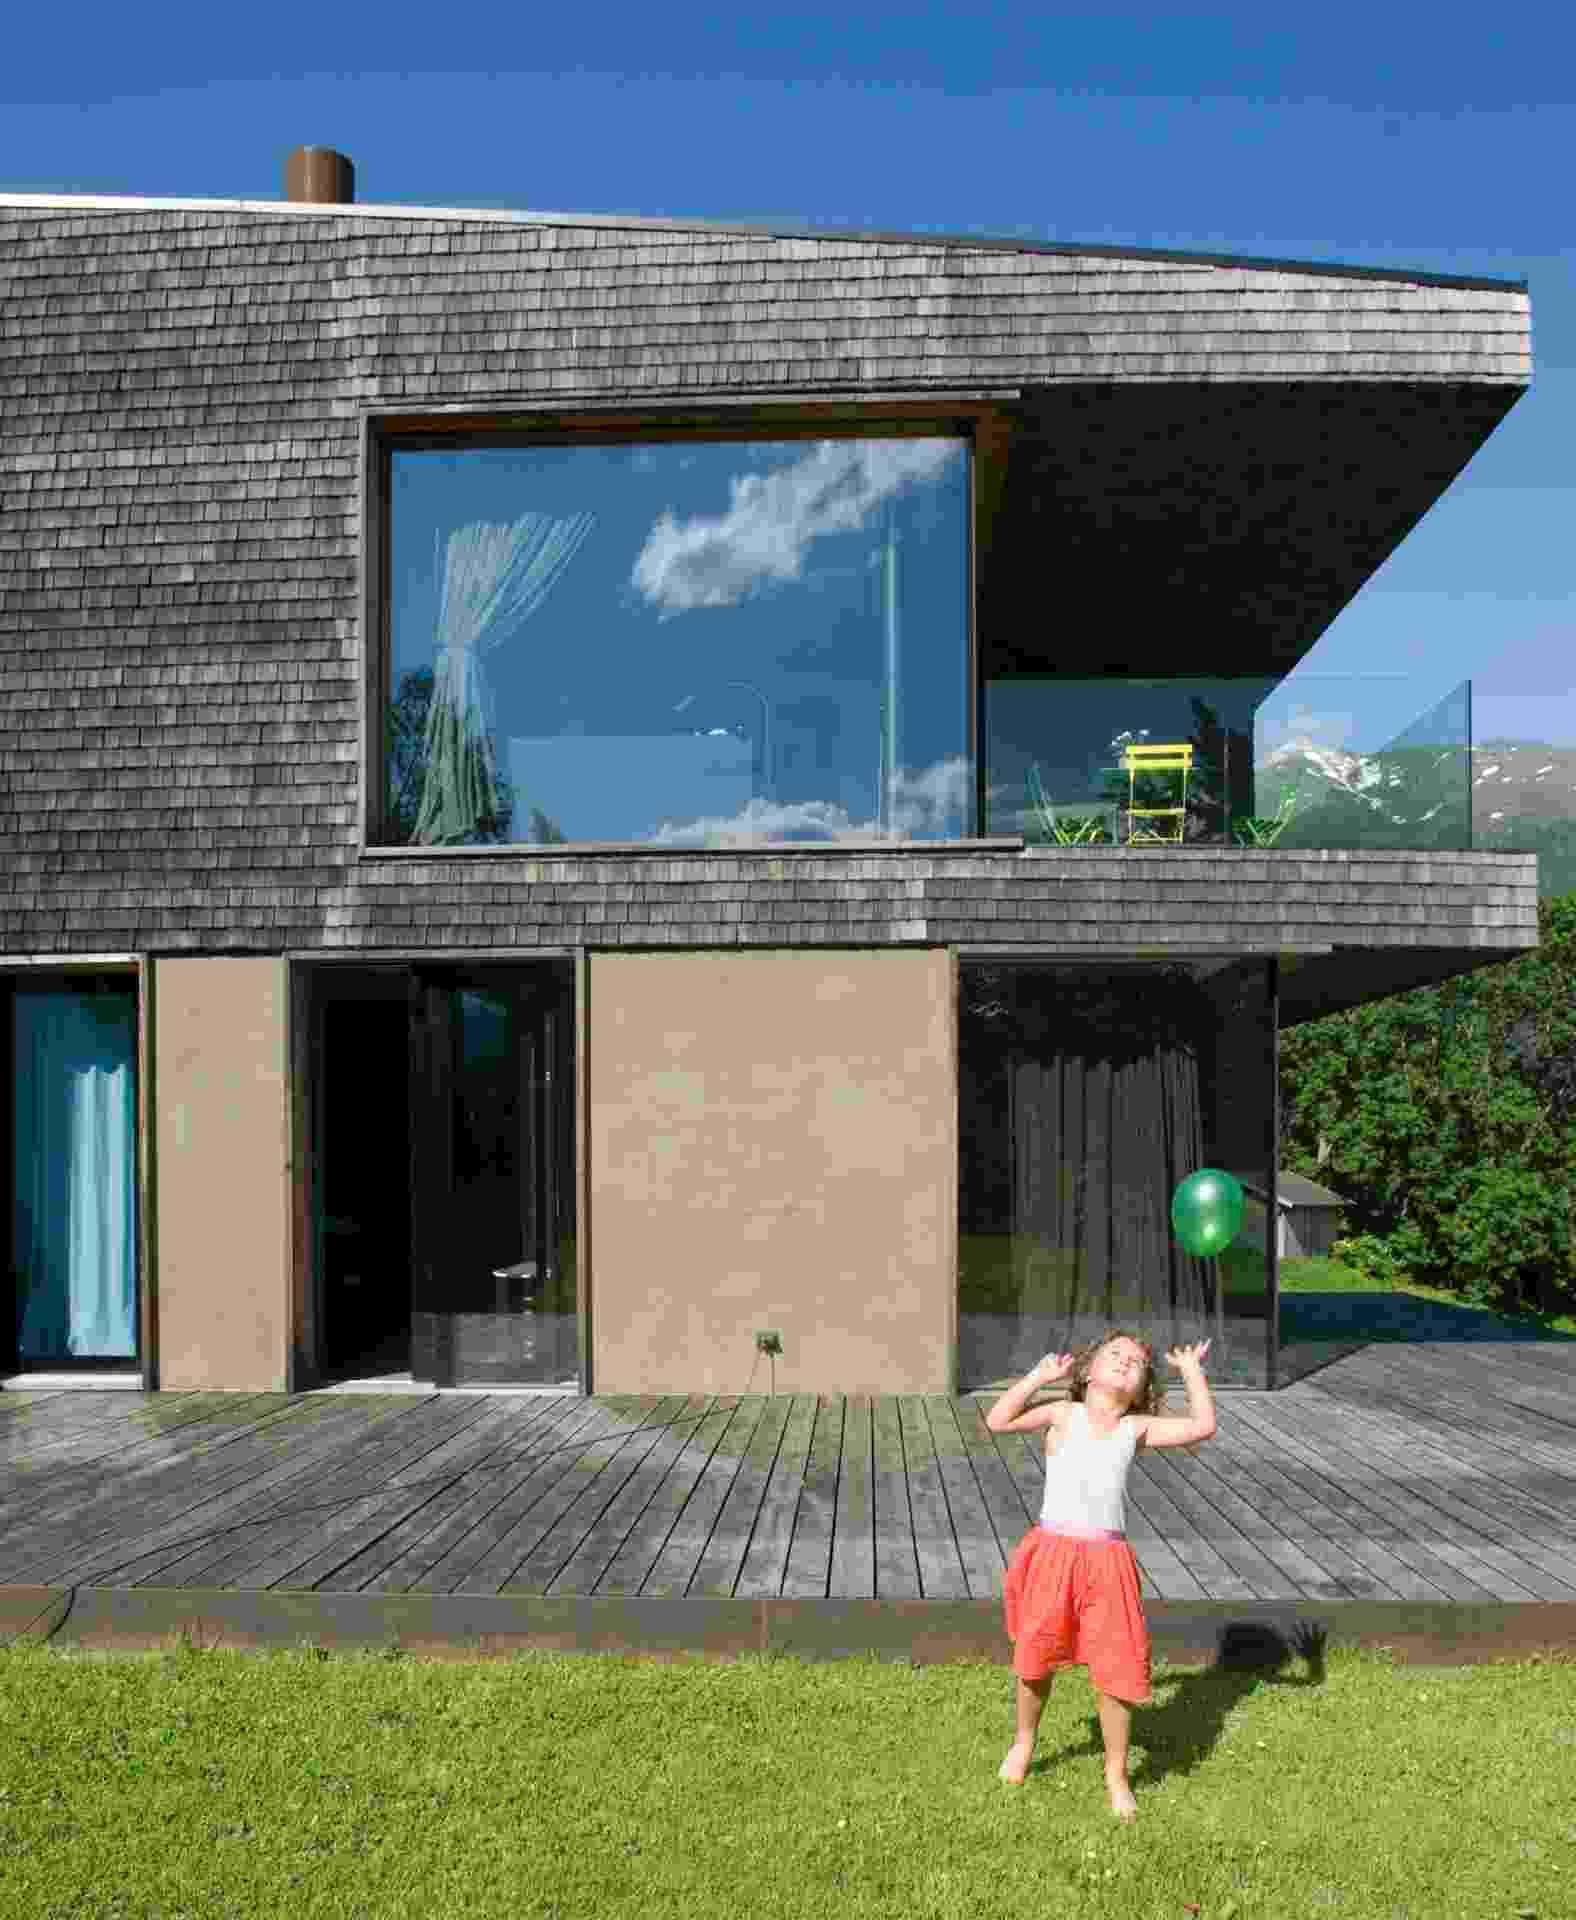 [Imagem do NYT, usar apenas no respectivo material] Na casa de pedra e madeira nas montanhas do norte da Itália, a porta principal abre diretamente para o living, no segundo pavimento - Andrea Wyner/ The New York Times